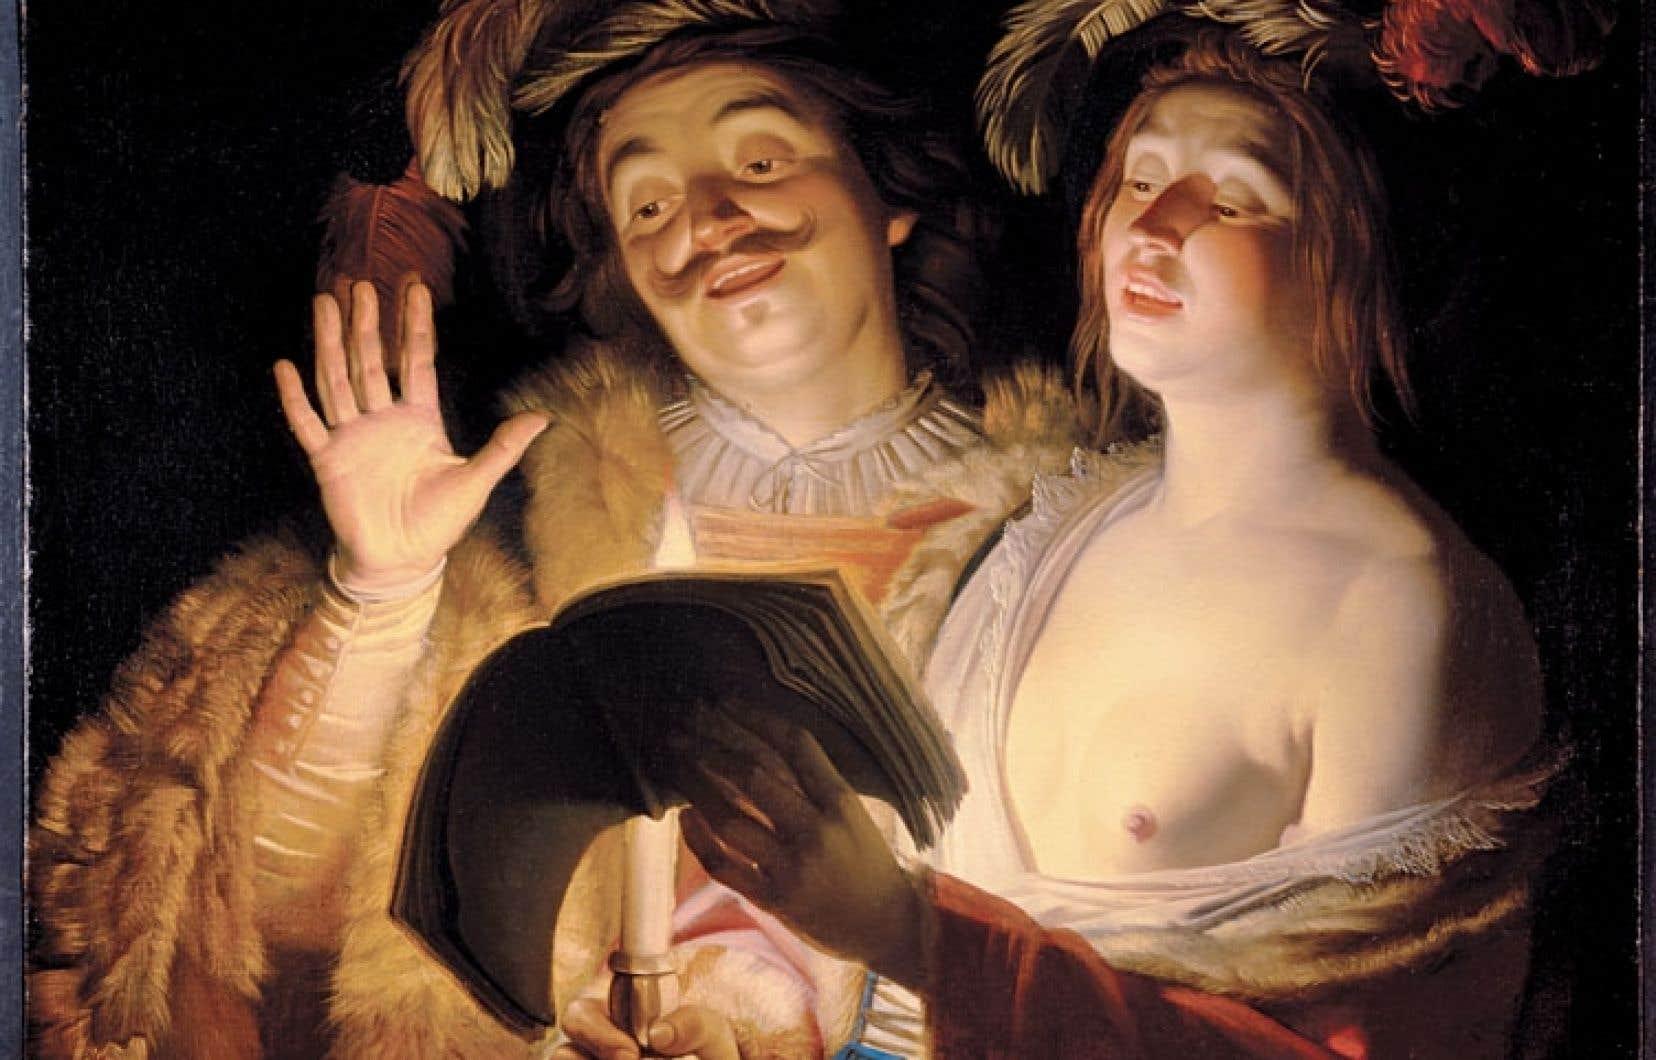 Le Musée des beaux-arts de Montréal a remis mardi Le duo (1623-1624), de Gerrit van Honthorst, à la famille Spiro, un tableau dont les aïeux Ellen et Bruno furent privés lors d'une vente forcée en Allemagne.